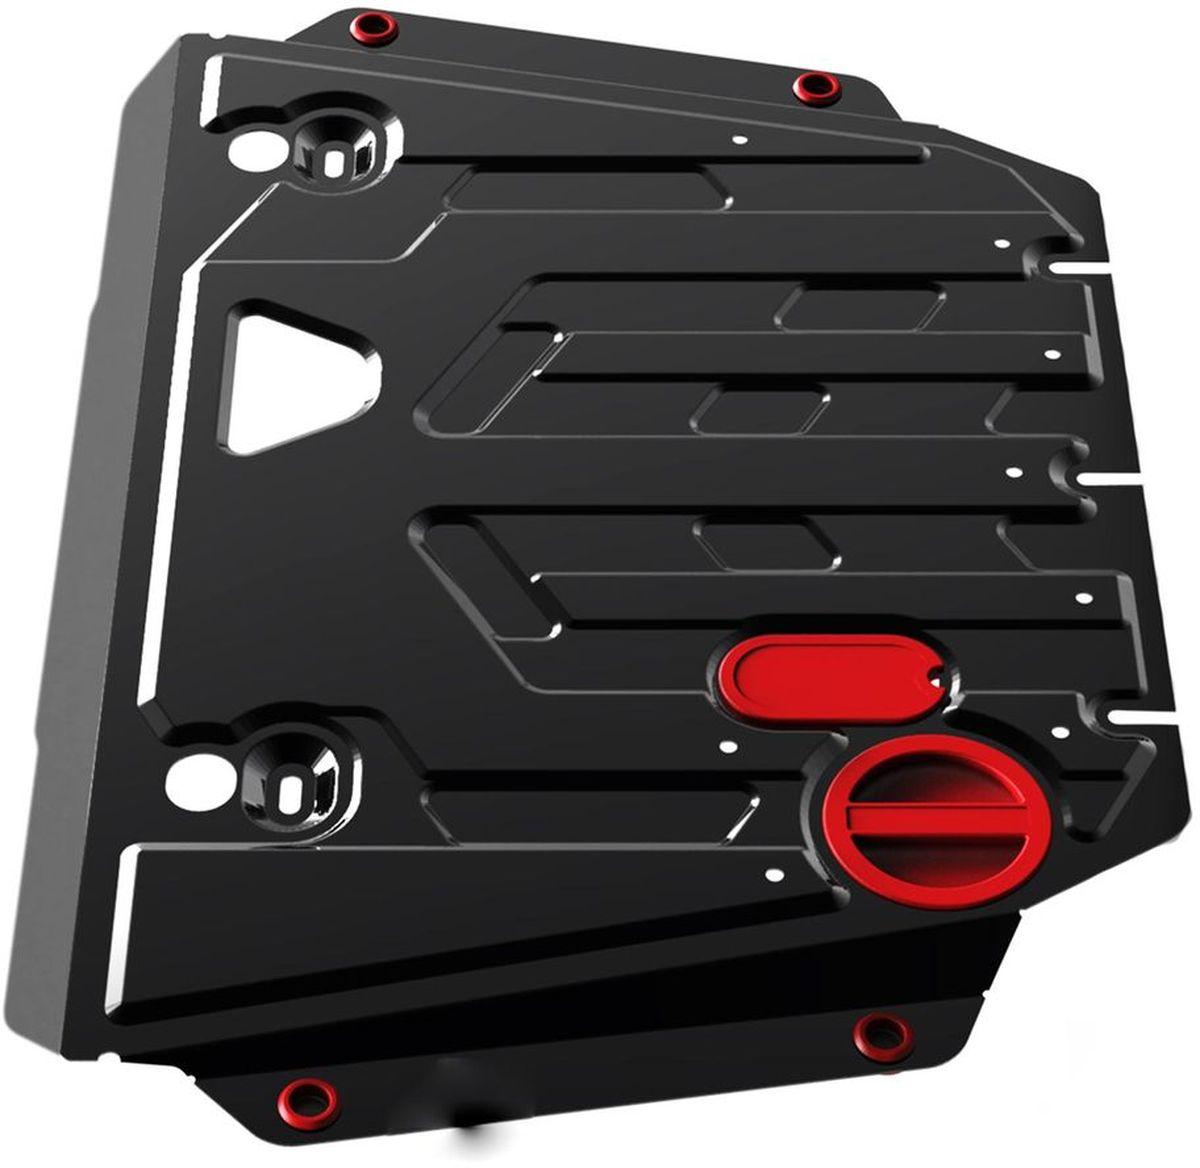 Защита картера и КПП Автоброня, для Citroen Berlingo/Citroen Xsara/Peugeot 306/Partner/Renault Kangoo/Daewoo Орион М1111.01206.1Технологически совершенный продукт за невысокую стоимость. Защита разработана с учетом особенностей днища автомобиля, что позволяет сохранить дорожный просвет с минимальным изменением. Защита устанавливается в штатные места кузова автомобиля. Глубокий штамп обеспечивает до двух раз больше жесткости в сравнении с обычной защитой той же толщины. Проштампованные ребра жесткости препятствуют деформации защиты при ударах. Тепловой зазор и вентиляционные отверстия обеспечивают сохранение температурного режима двигателя в норме. Скрытый крепеж предотвращает срыв крепежных элементов при наезде на препятствие. Шумопоглощающие резиновые элементы обеспечивают комфортную езду без вибраций и скрежета металла, а съемные лючки для слива масла и замены фильтра - экономию средств и время. Конструкция изделия не влияет на пассивную безопасность автомобиля (при ударе защита не воздействует на деформационные зоны кузова). Со штатным крепежом. В комплекте инструкция по установке....